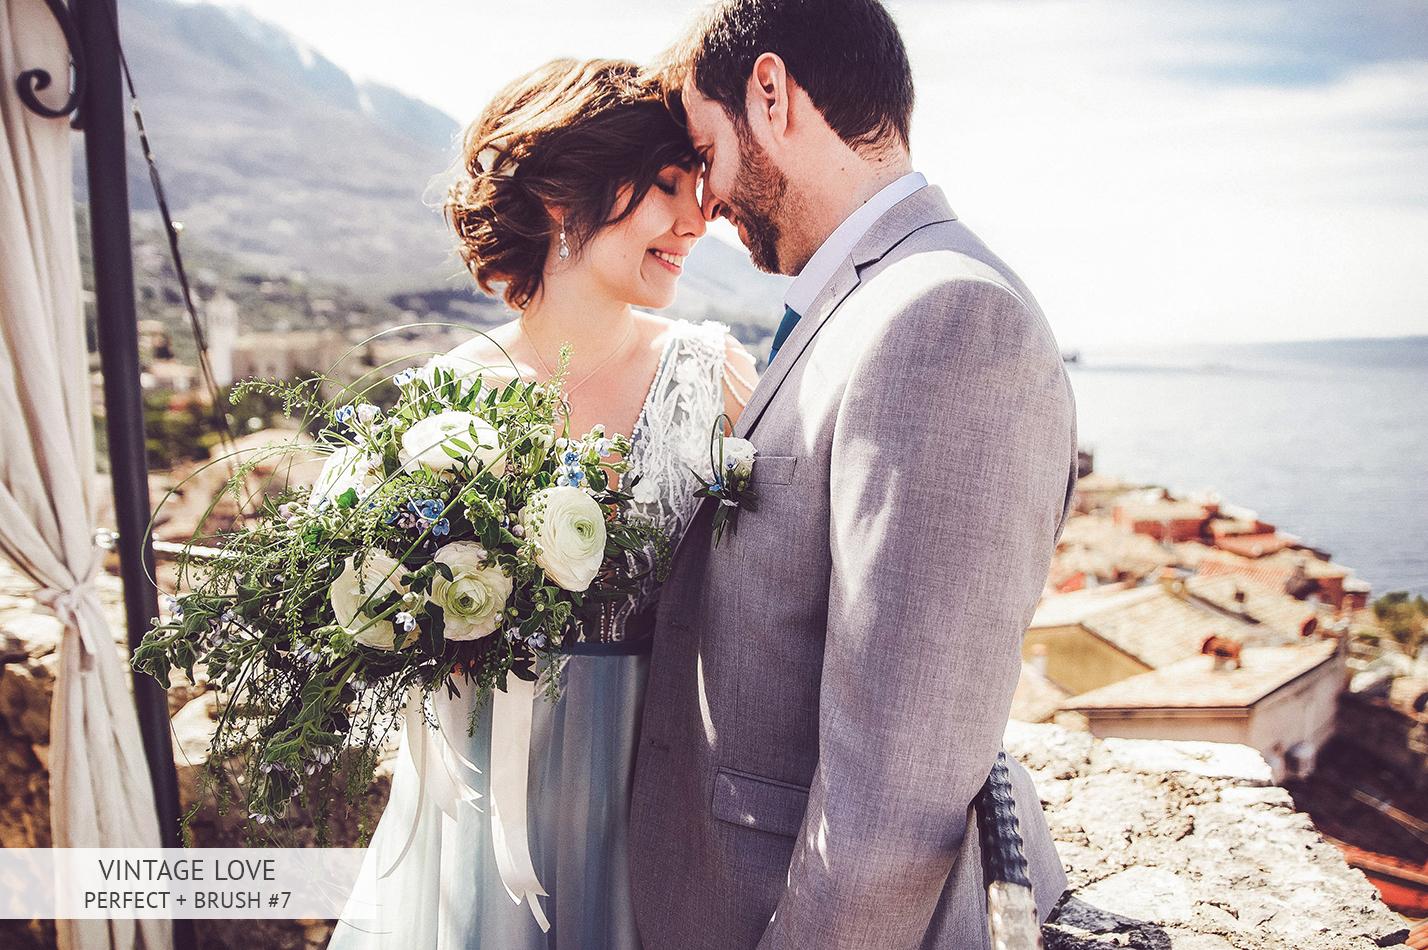 wedding vintage after